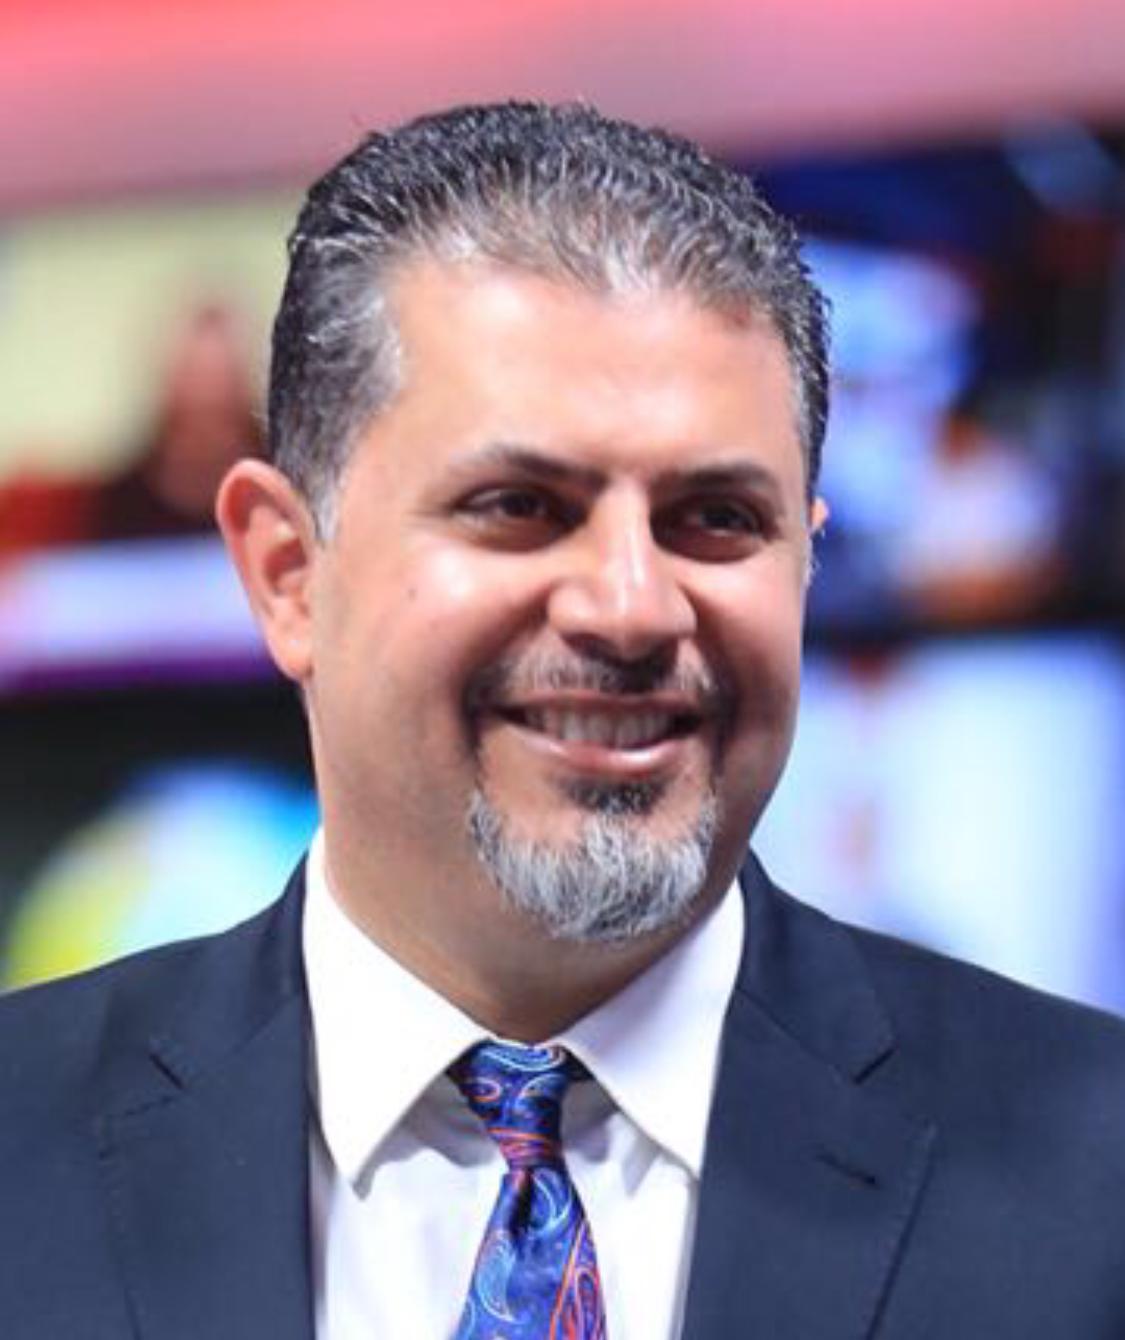 الدكتور ابراهيم ابوذكري يحضر عرس جماعي بالشارقة